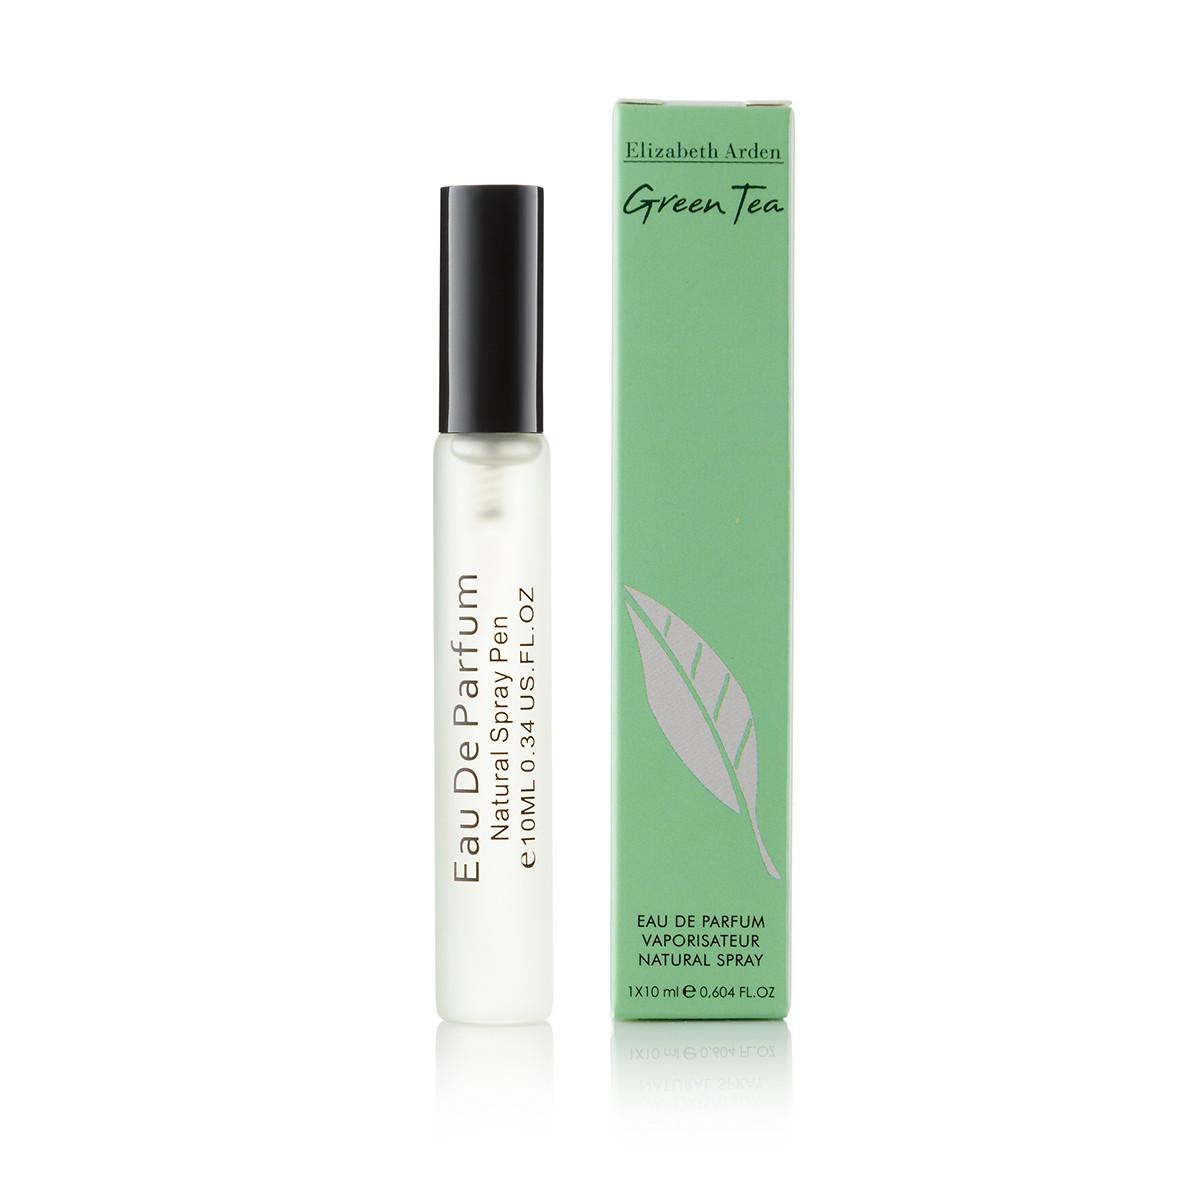 10 мл міні спрей парфуму Elizabeth Arden Green Tea (Ж) Д-32